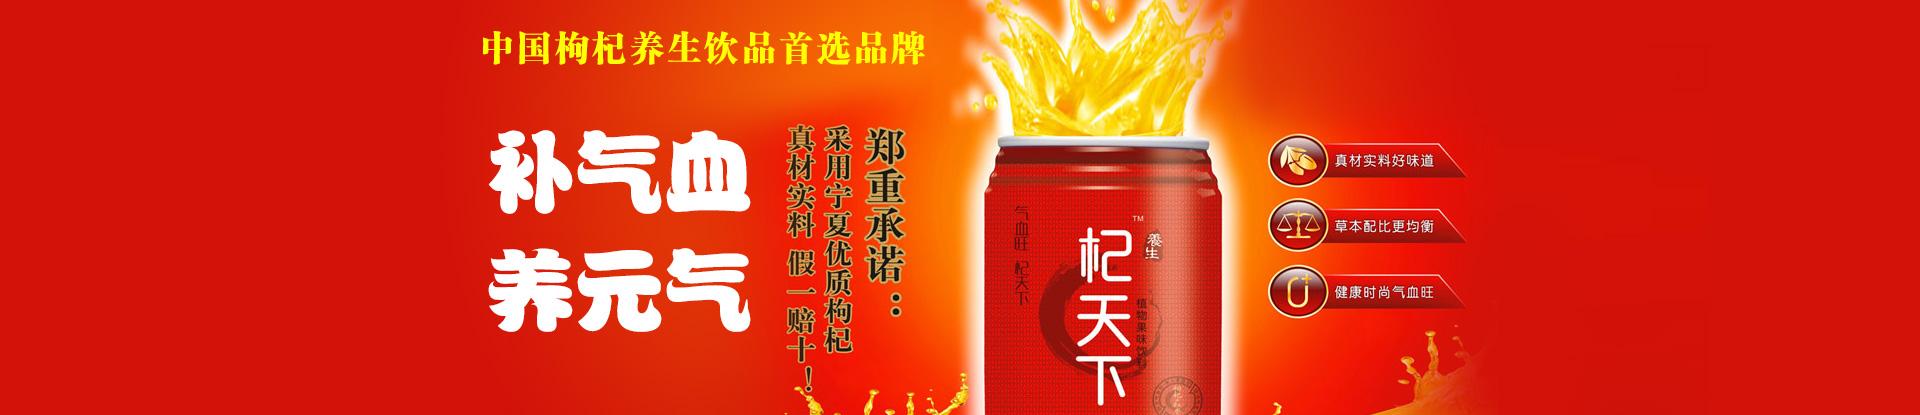 达利园(深圳)生物科技有限公司